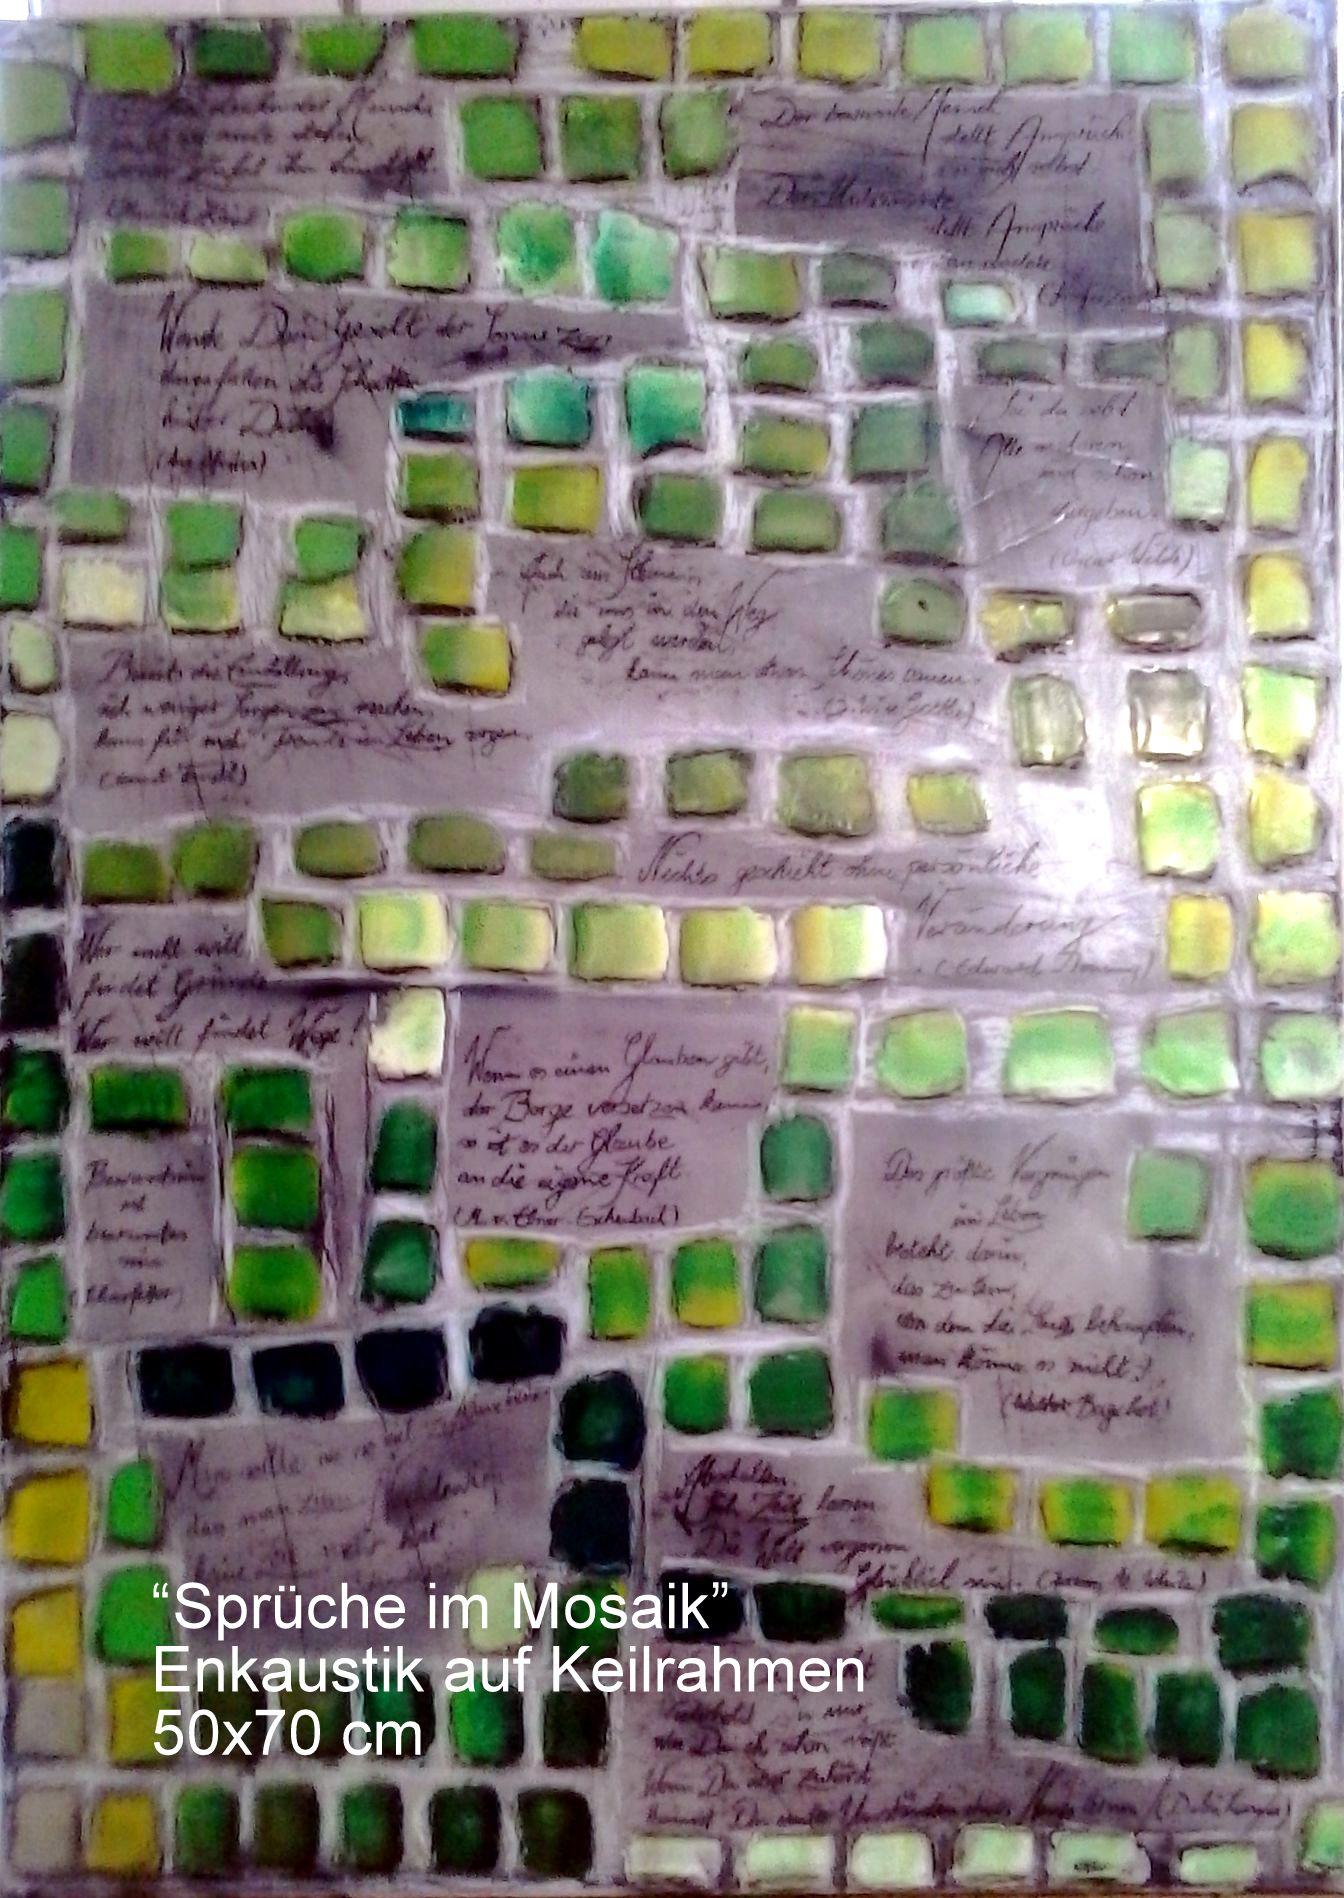 Sprüche im Mosaik Verkauft)